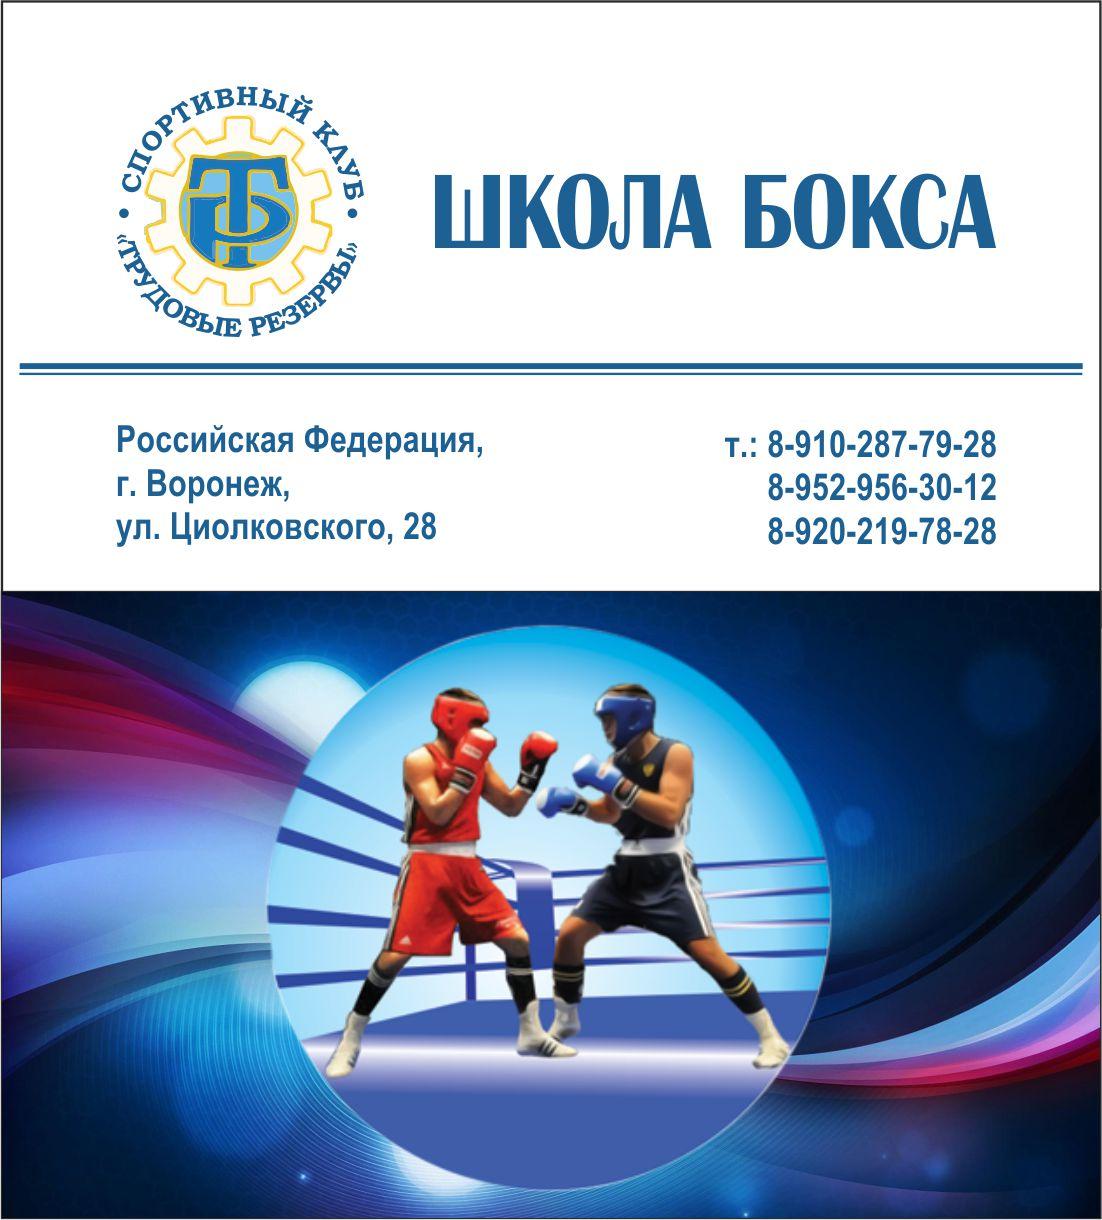 Школа бокса Трудовые резервы